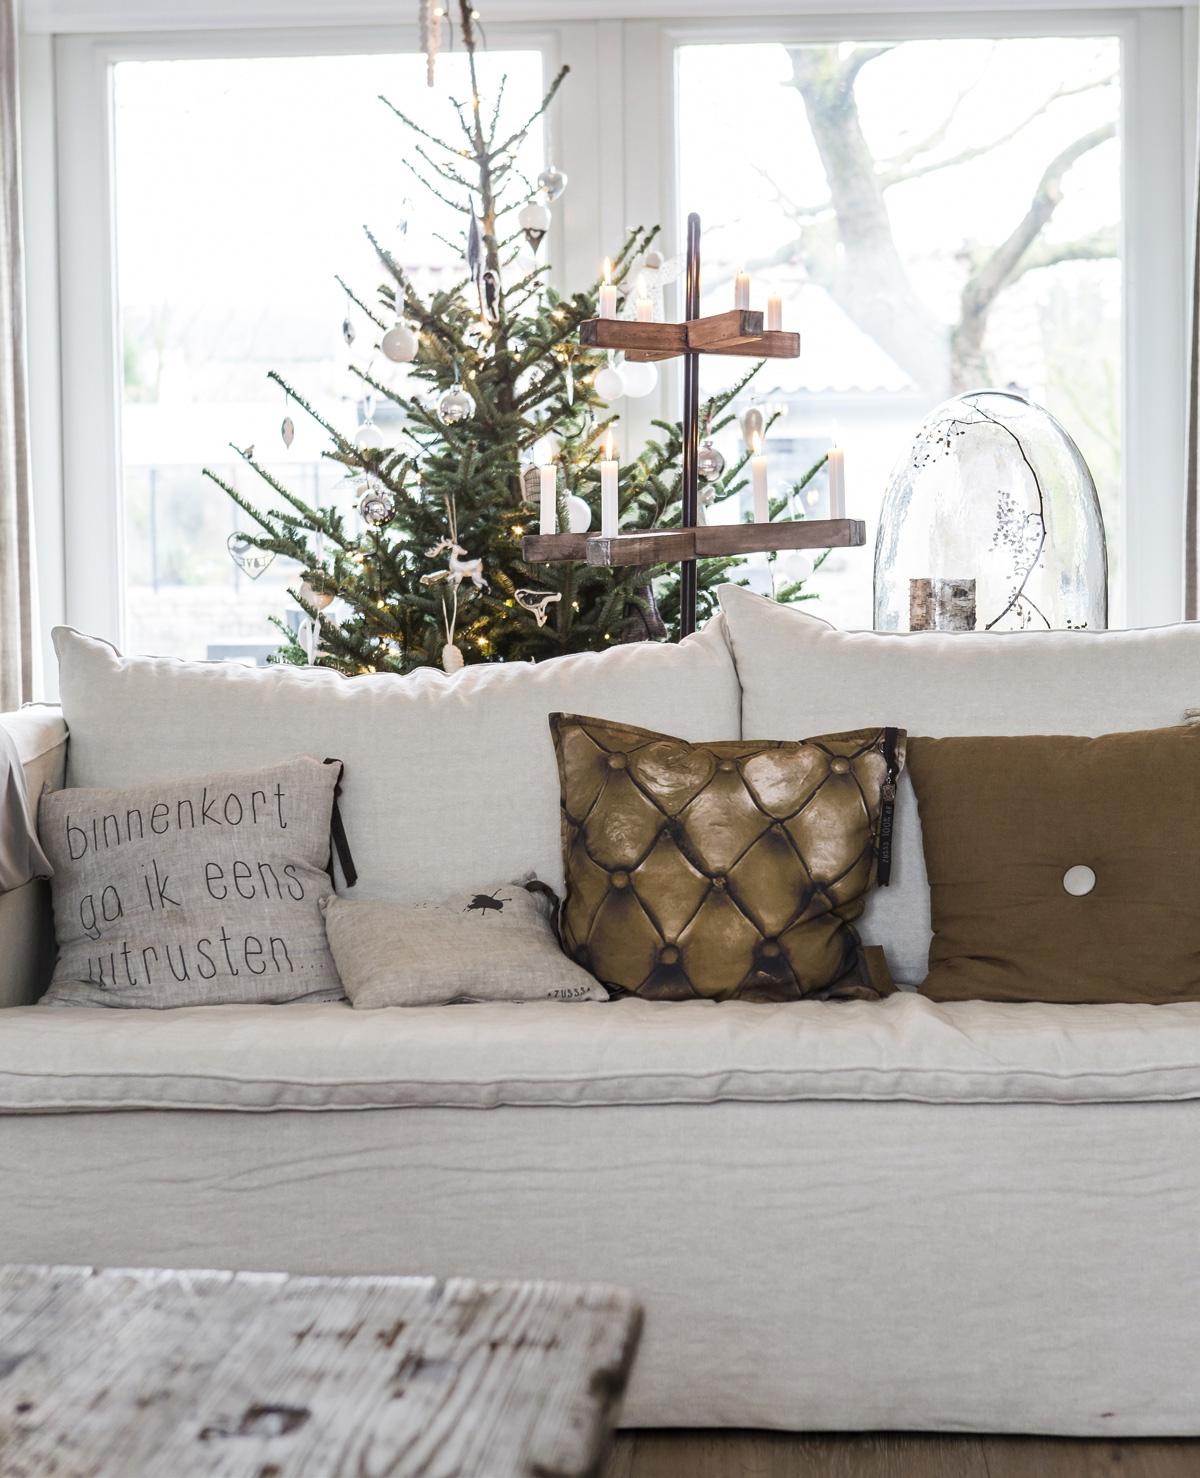 Een gezellig Kersthuis met kaarsjes en zelfgebakken koekjes